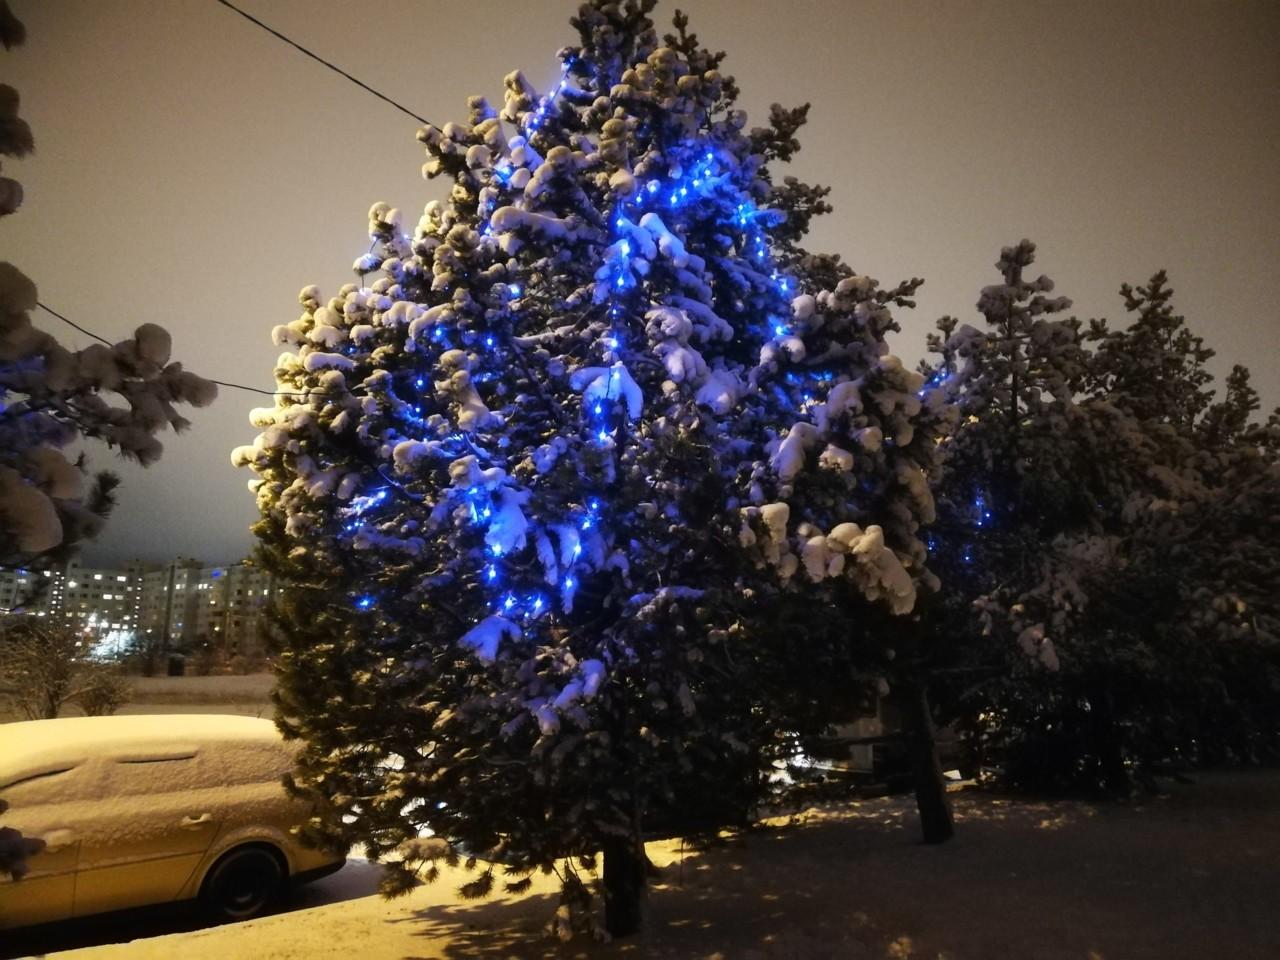 Приближающийся снегопад осложнит дорожные условия в Таллине